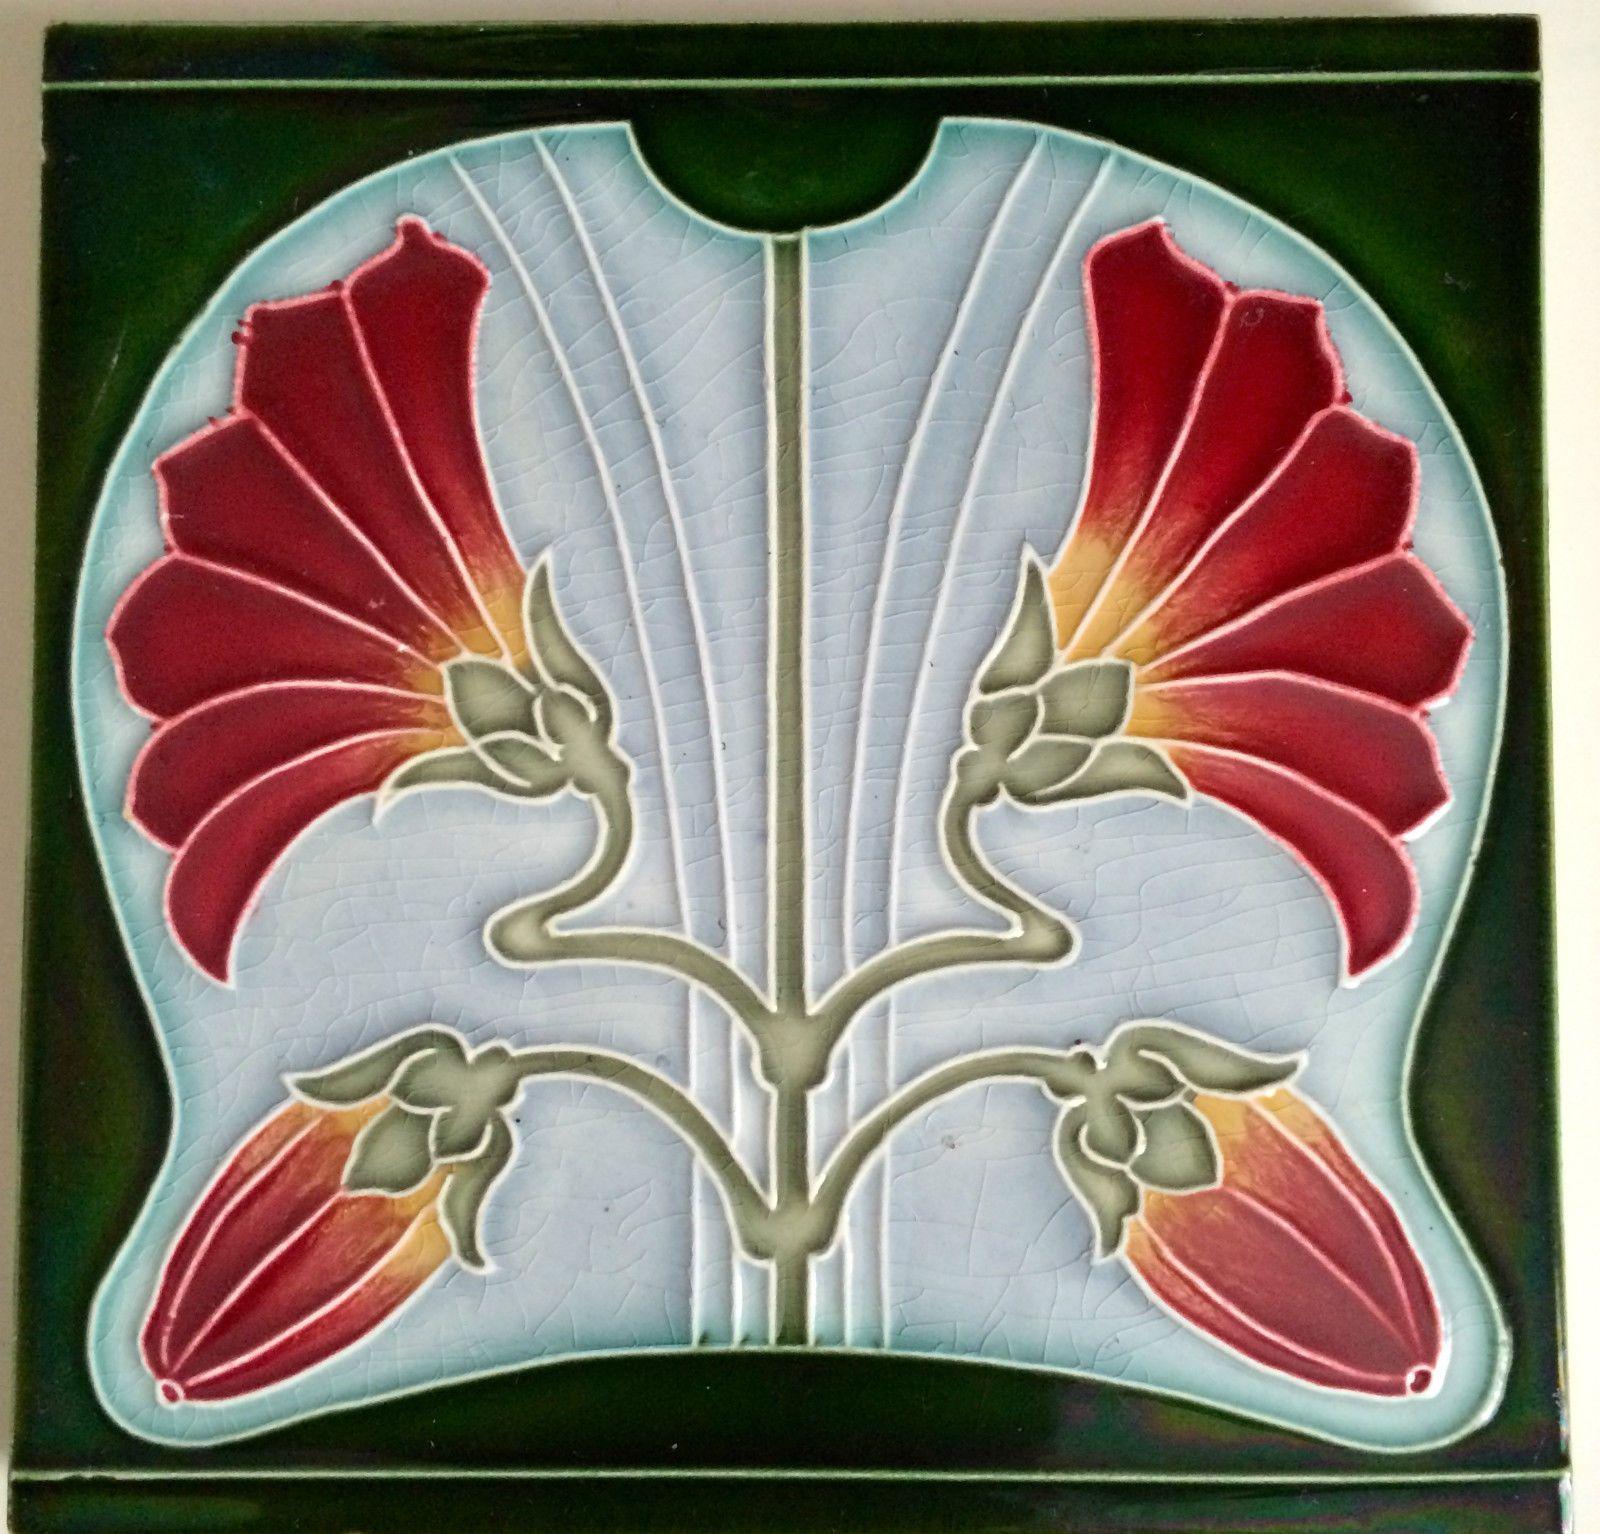 Vintage Art Nouveau Floral Majolica Tile 5 75 X 5 75 Ebay Art Nouveau Floral Art Deco Tiles Art Nouveau